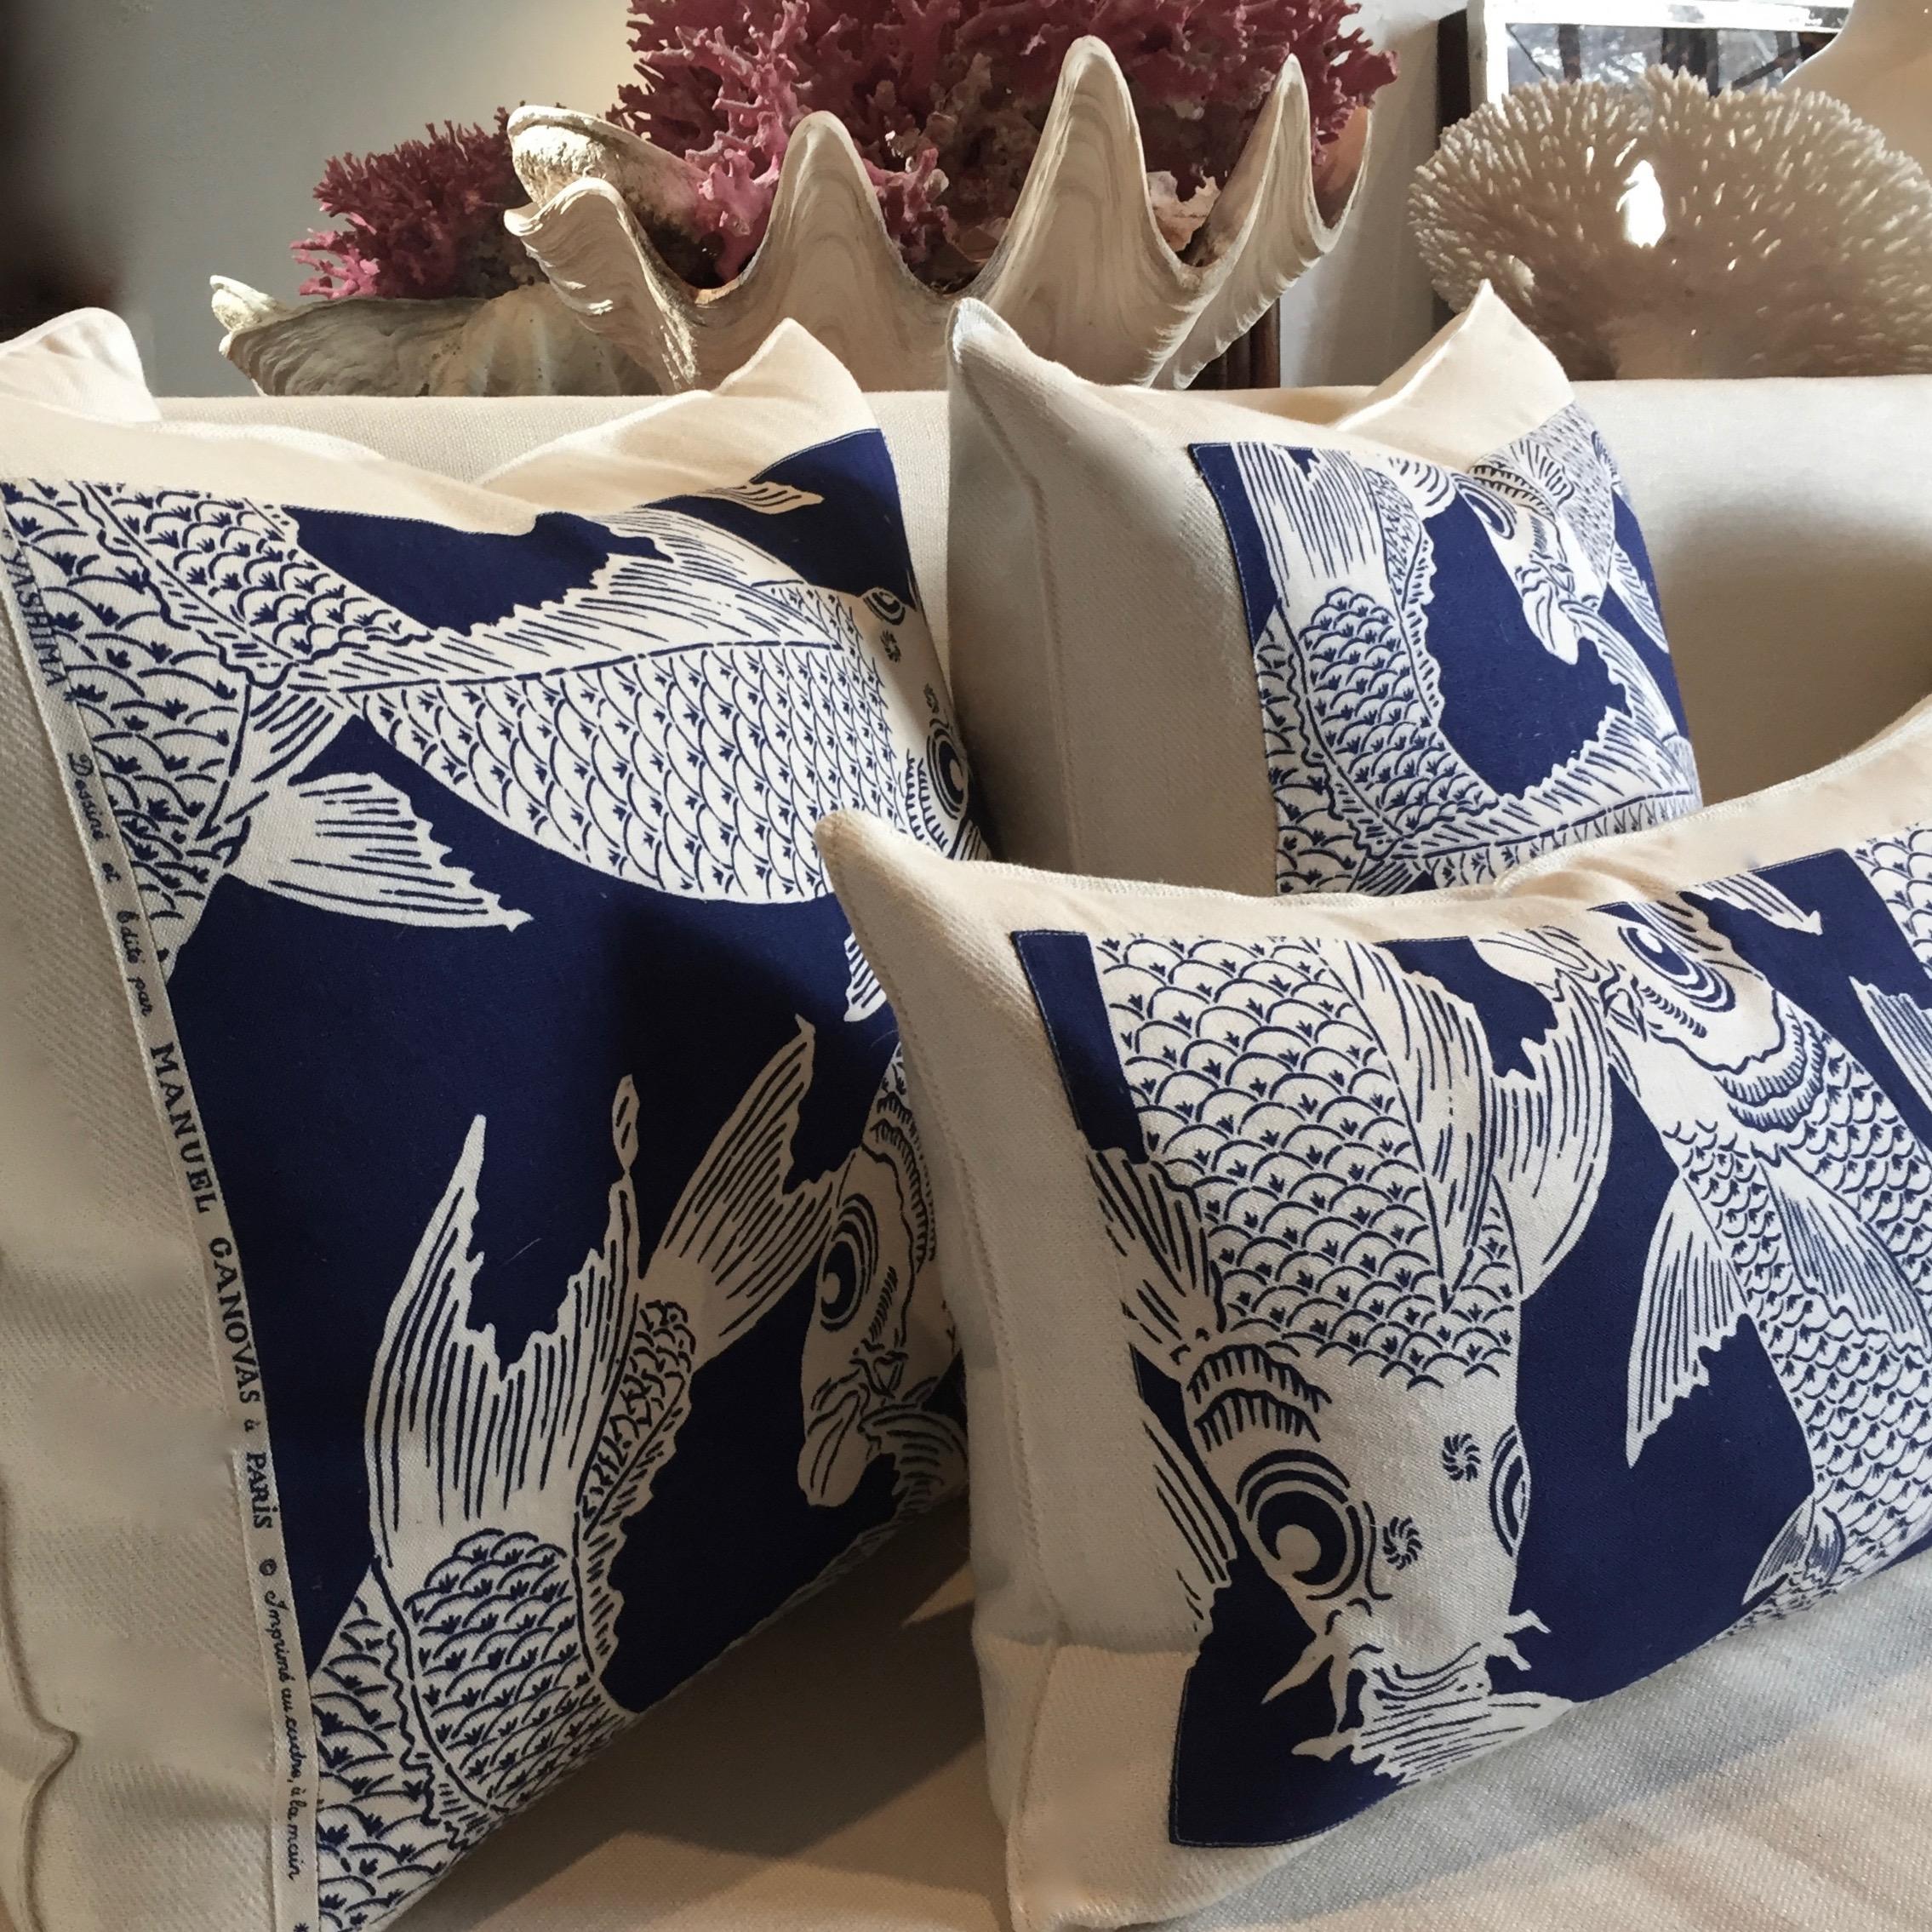 Indigo Koi Fish Patina Pillows